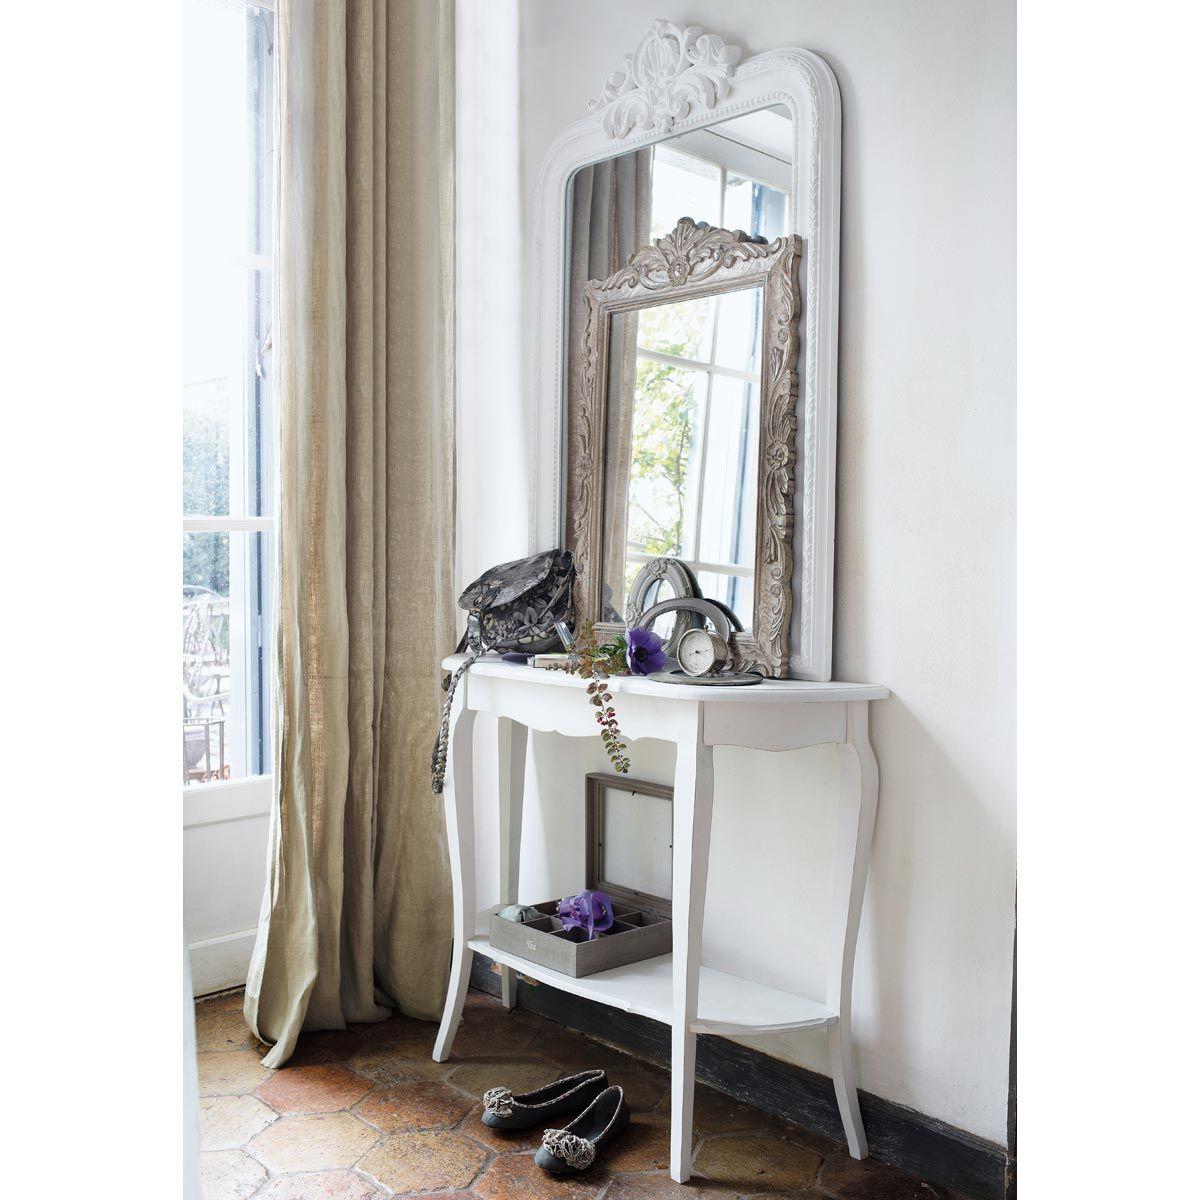 Table console en bois blanche l 94 cm entr e pour la maison et int rieur - Maison du monde 94 ...